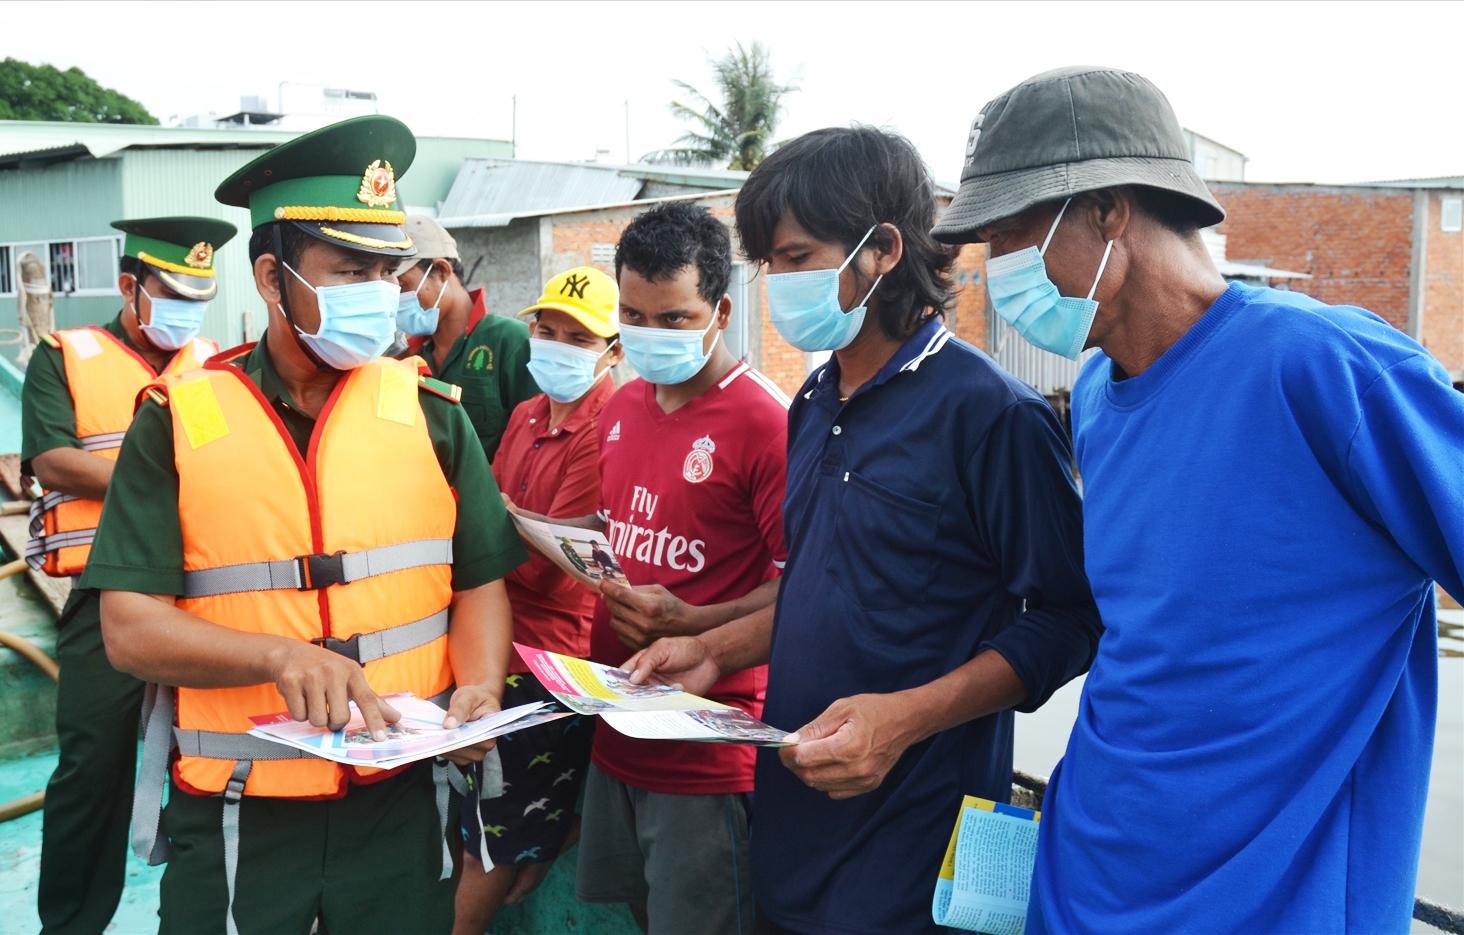 Trước khi ra khơi, các ngư dân được lực lượng chức năng tuyên truyền phòng chống dịch